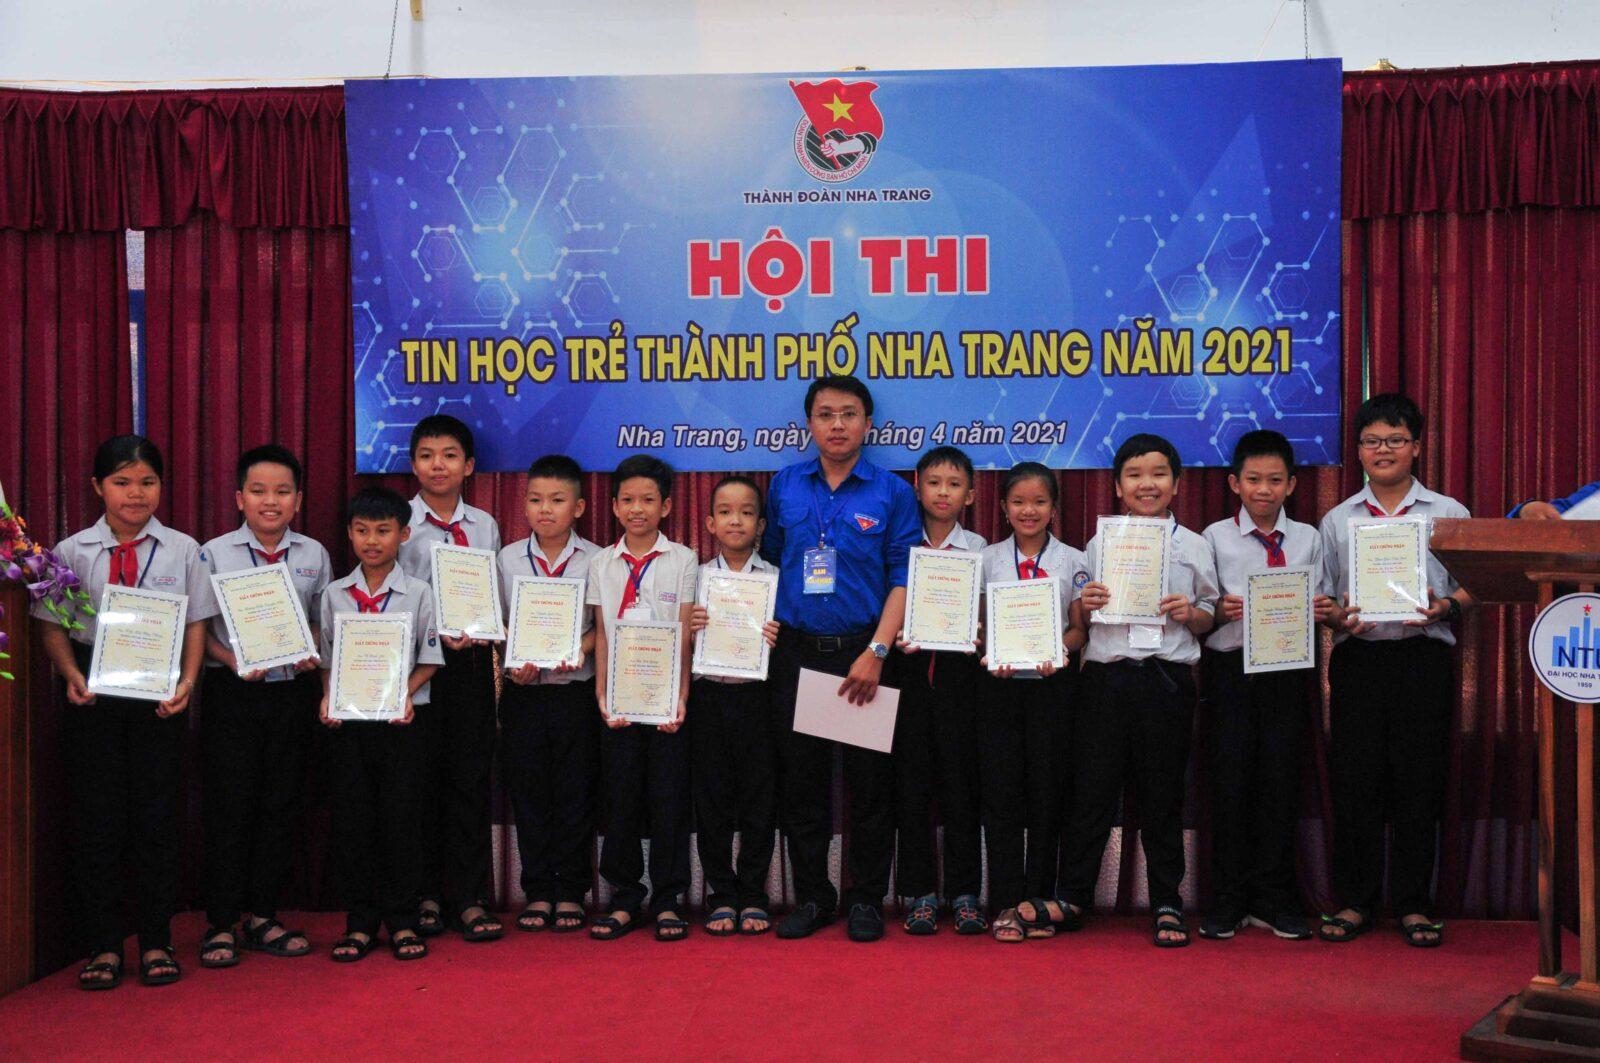 Ban tổ chức trao giải cho các thí sinh xuất sắc ở bảng A